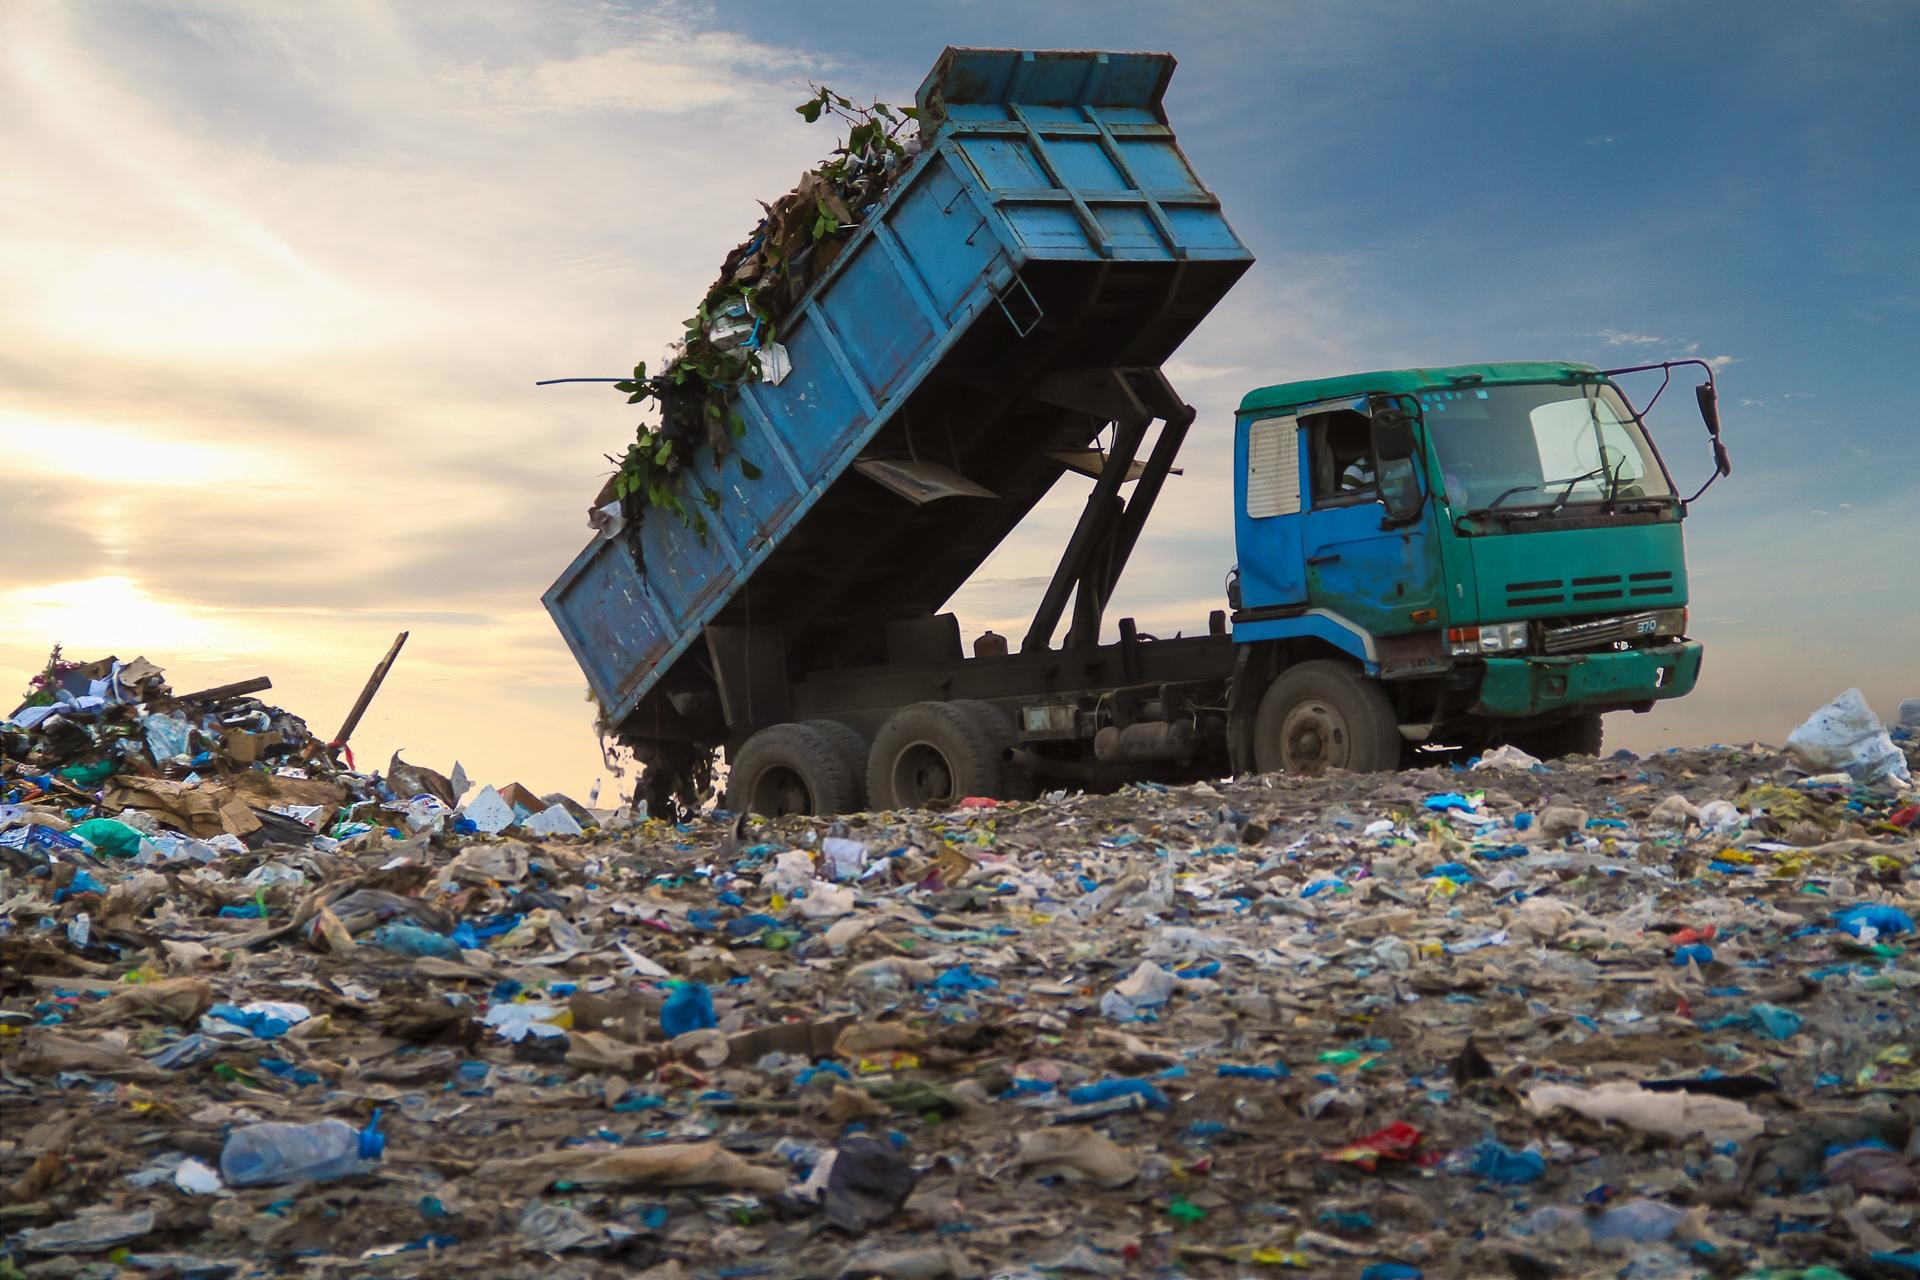 100% 可回收餐飲紙容器,友善地球新主張 (特別企畫)